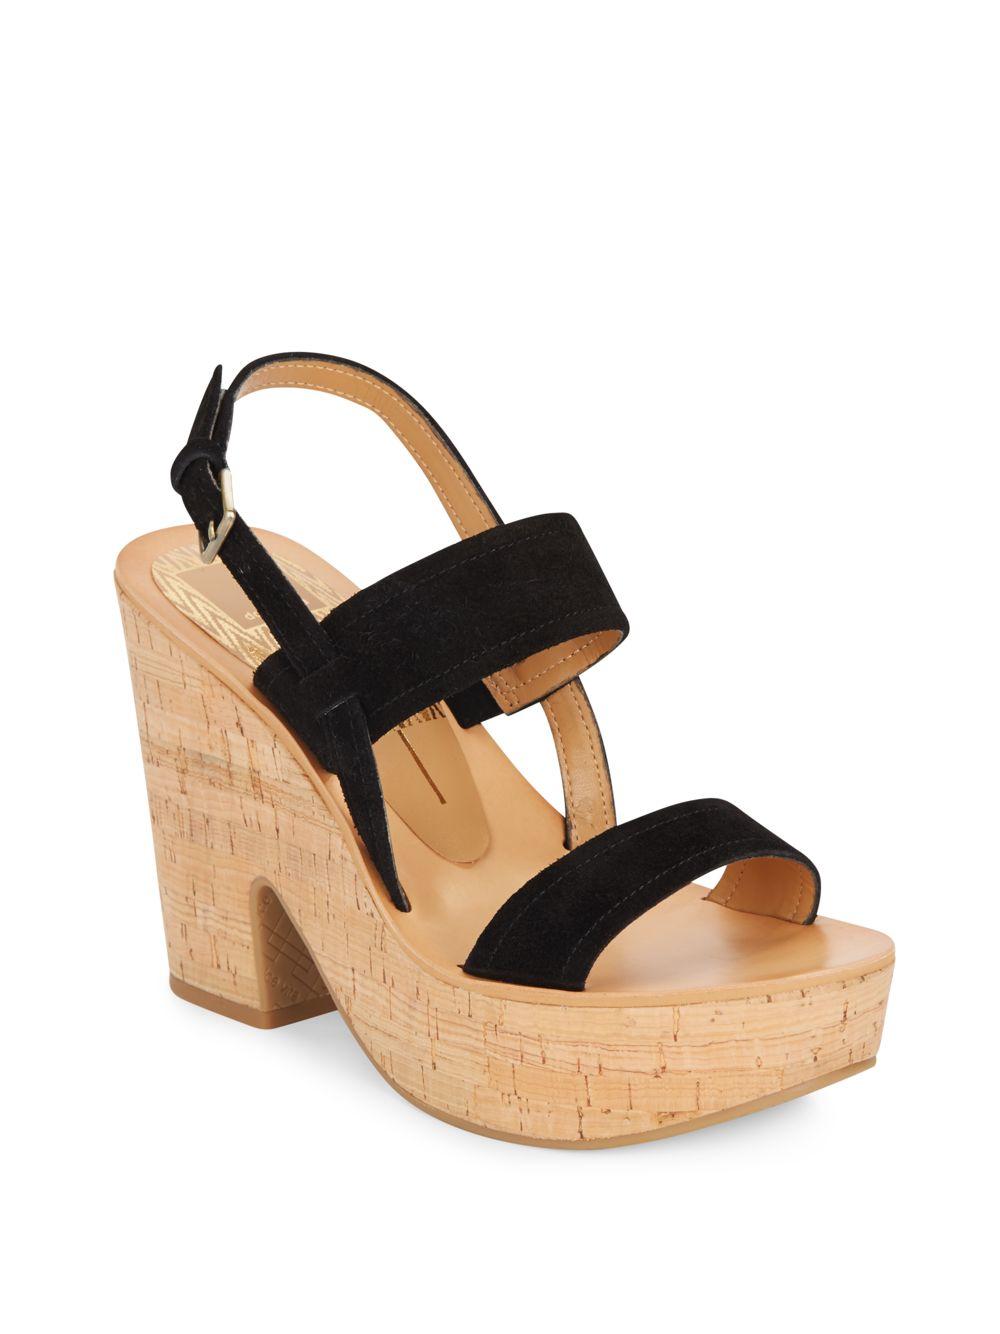 af242b164f5 Lyst Dolce Vita Rosa Suede Platform Sandals In Black. Dolce Vita Randi M  Womens Platform Heels Shoes Sku 8744217